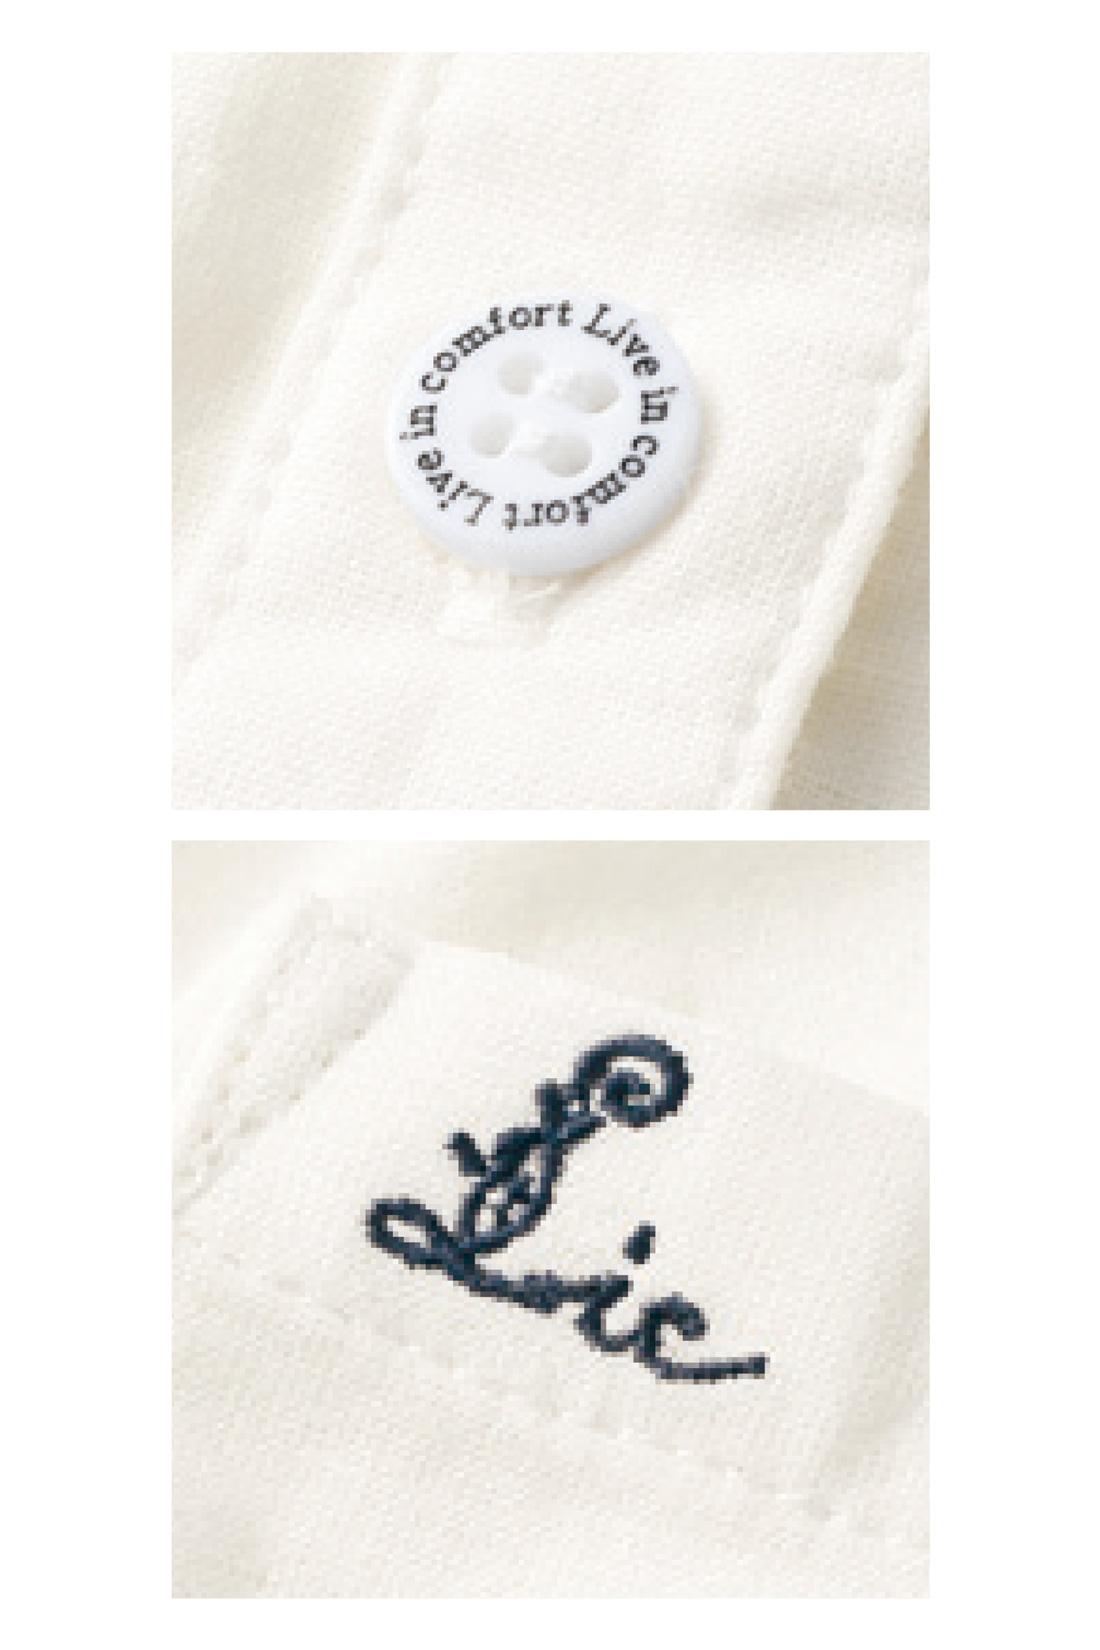 ロゴを刻印したオリジナルボタンや、ポケットの刺繍がデザインポイント。